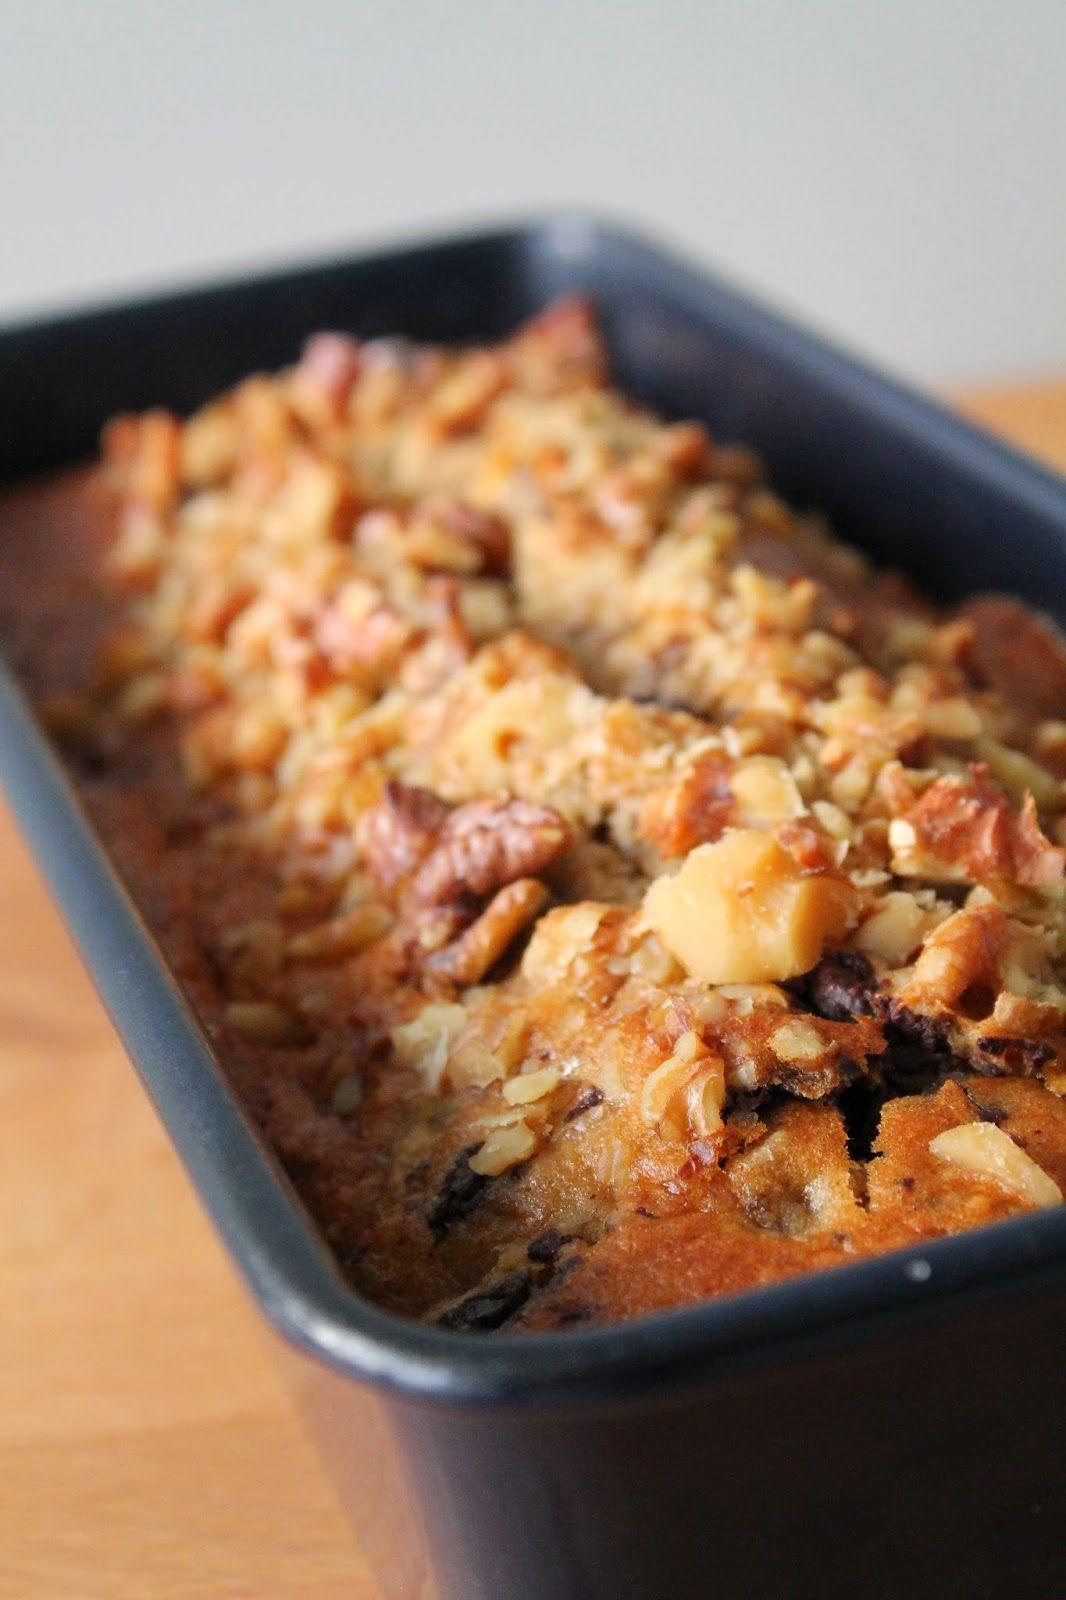 Foodblog für Backen und Kochen. Auf meinem Blog geht es um schöne Dinge im Leben: Essen & Schlemmen.